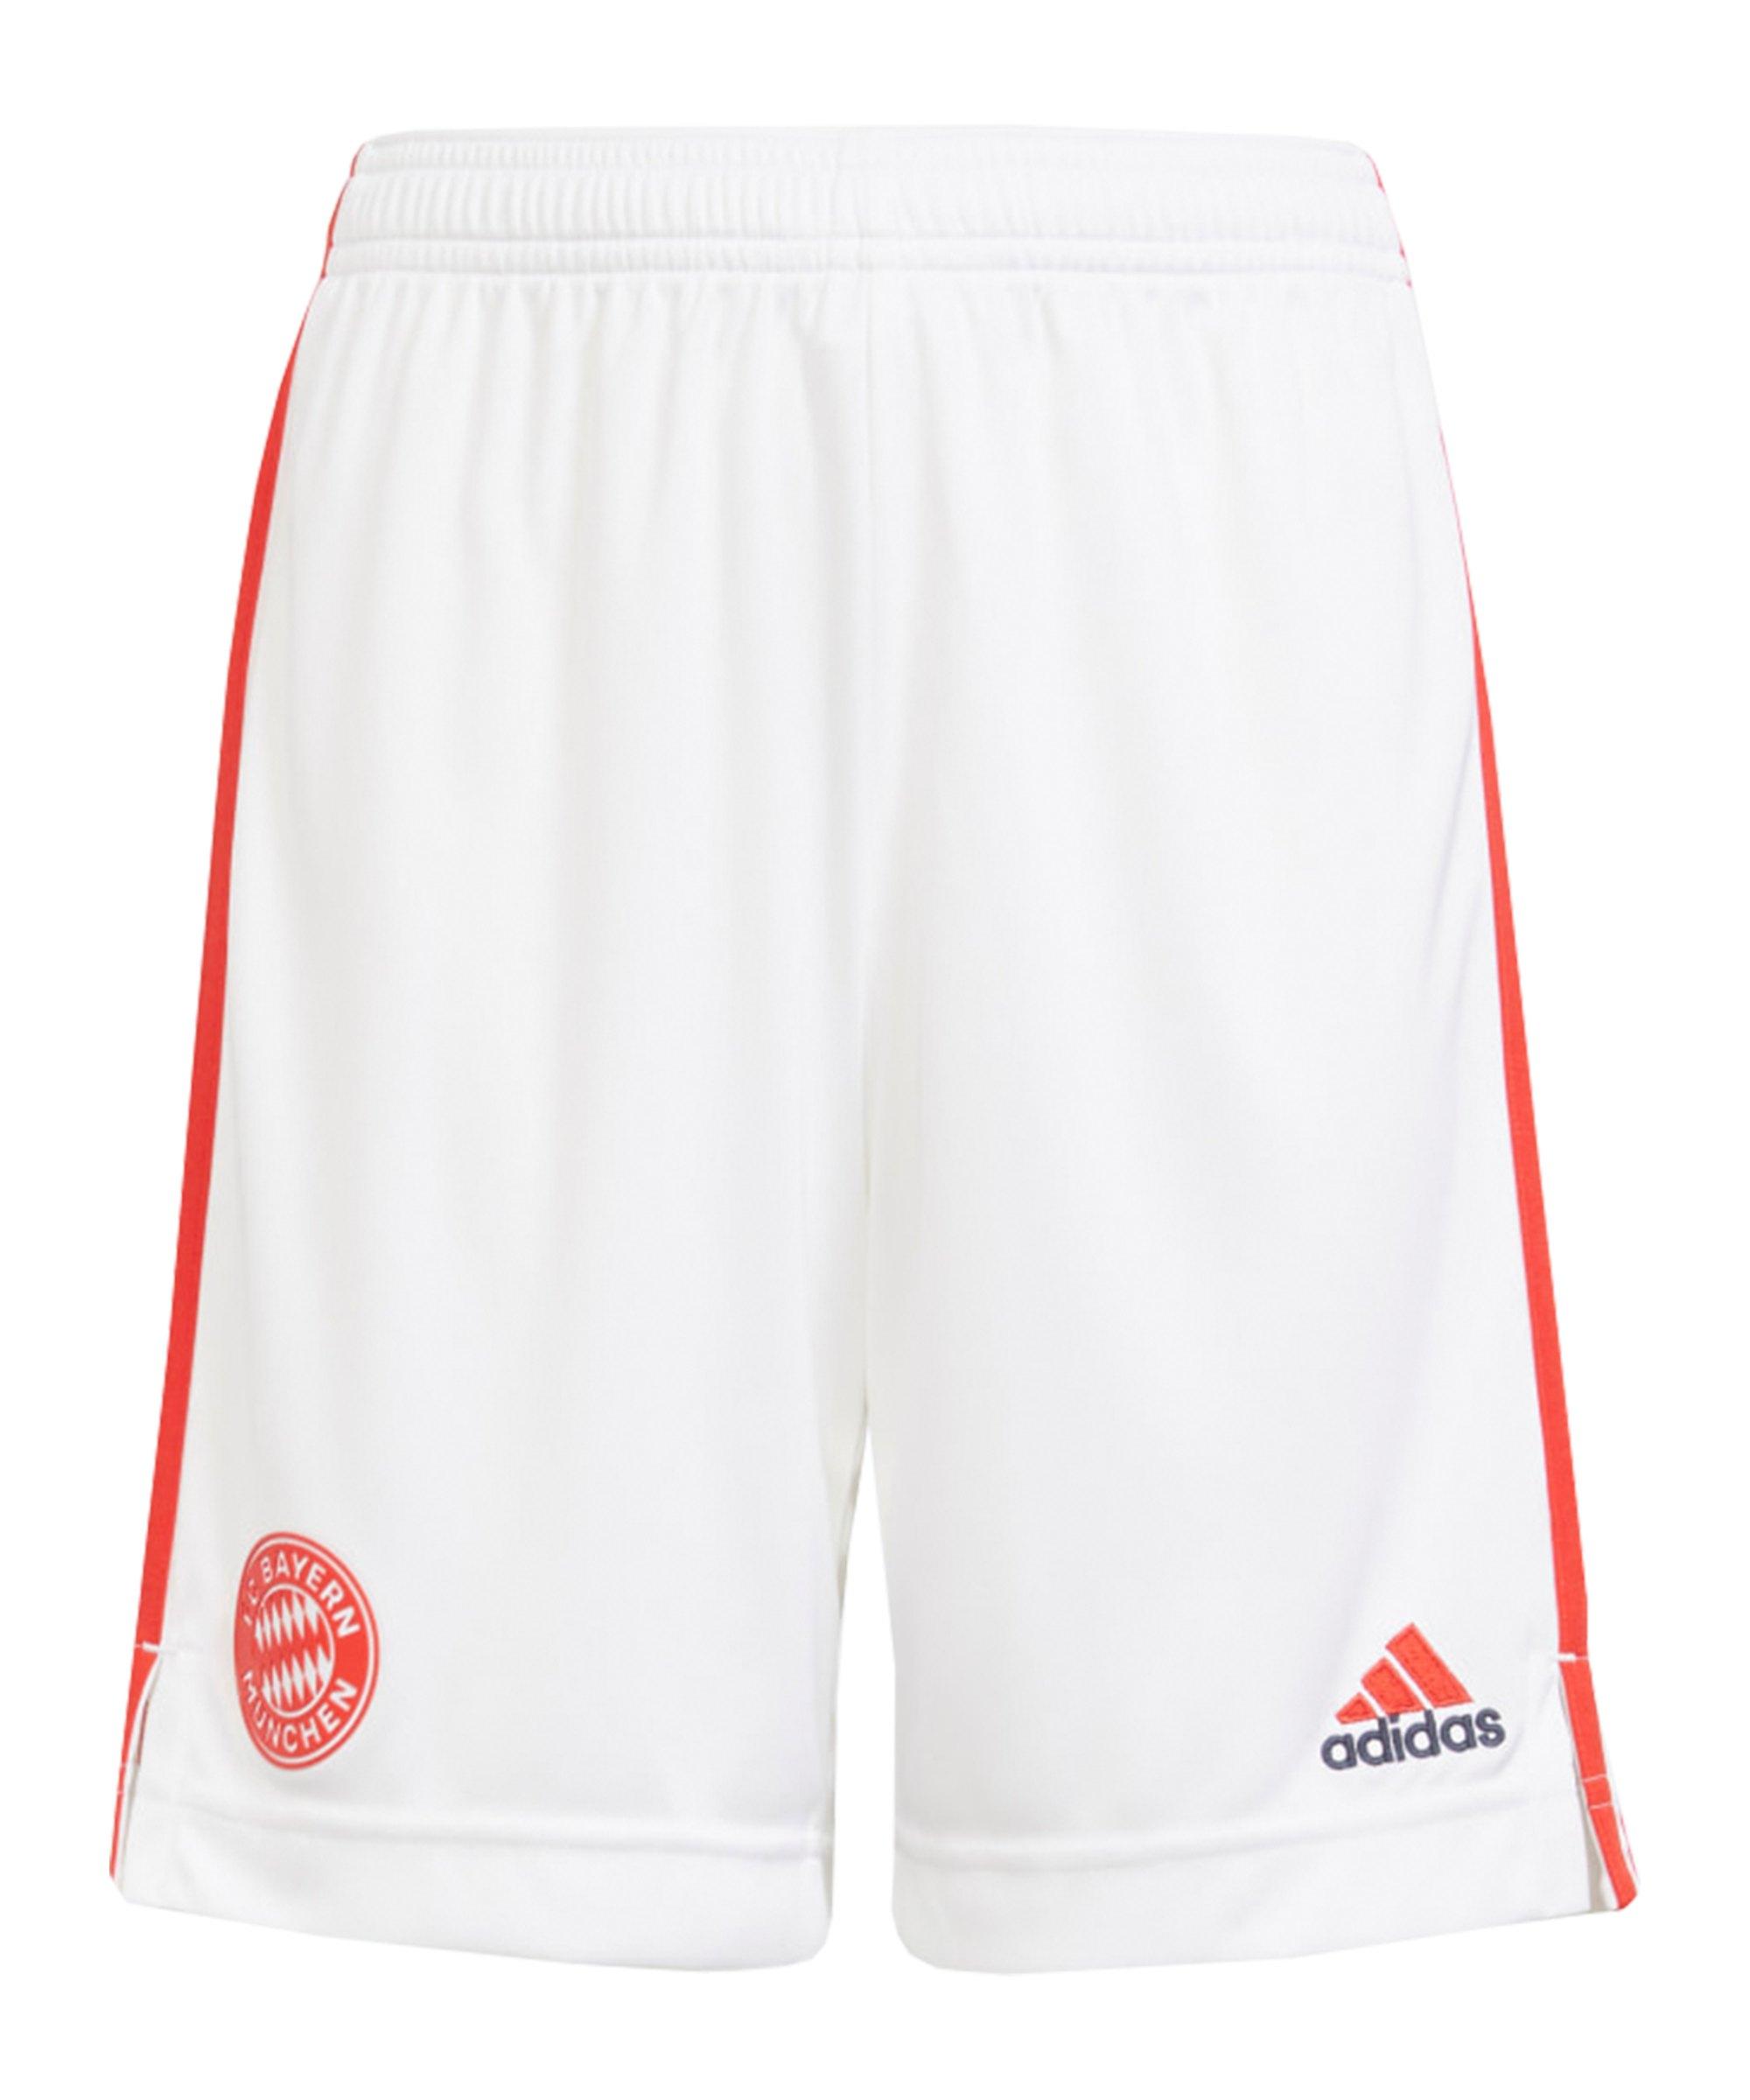 adidas FC Bayern München Short UCL 2021/2022 Kids Weiss - weiss